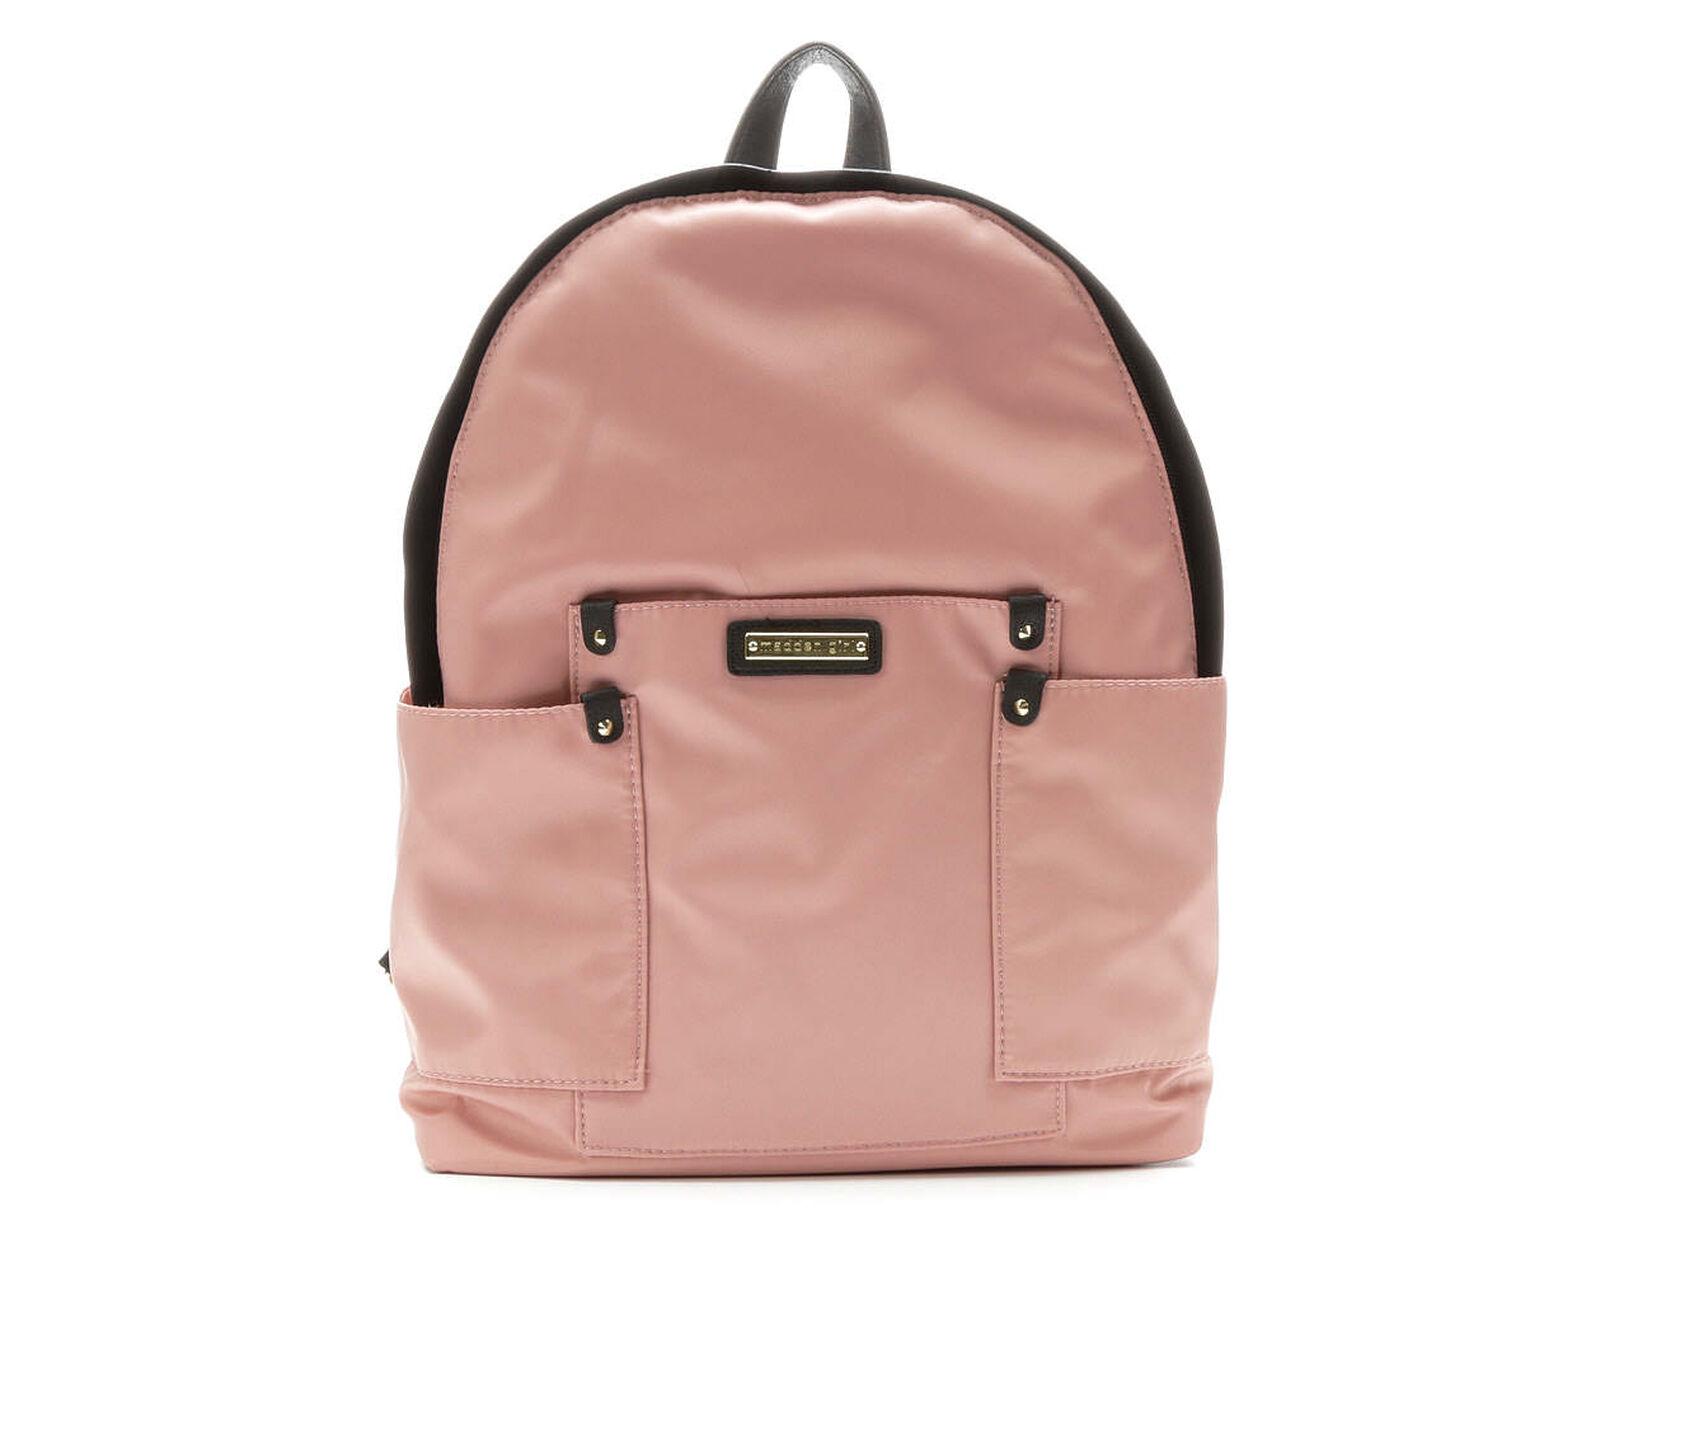 Madden Girl Handbags Poise Backpack